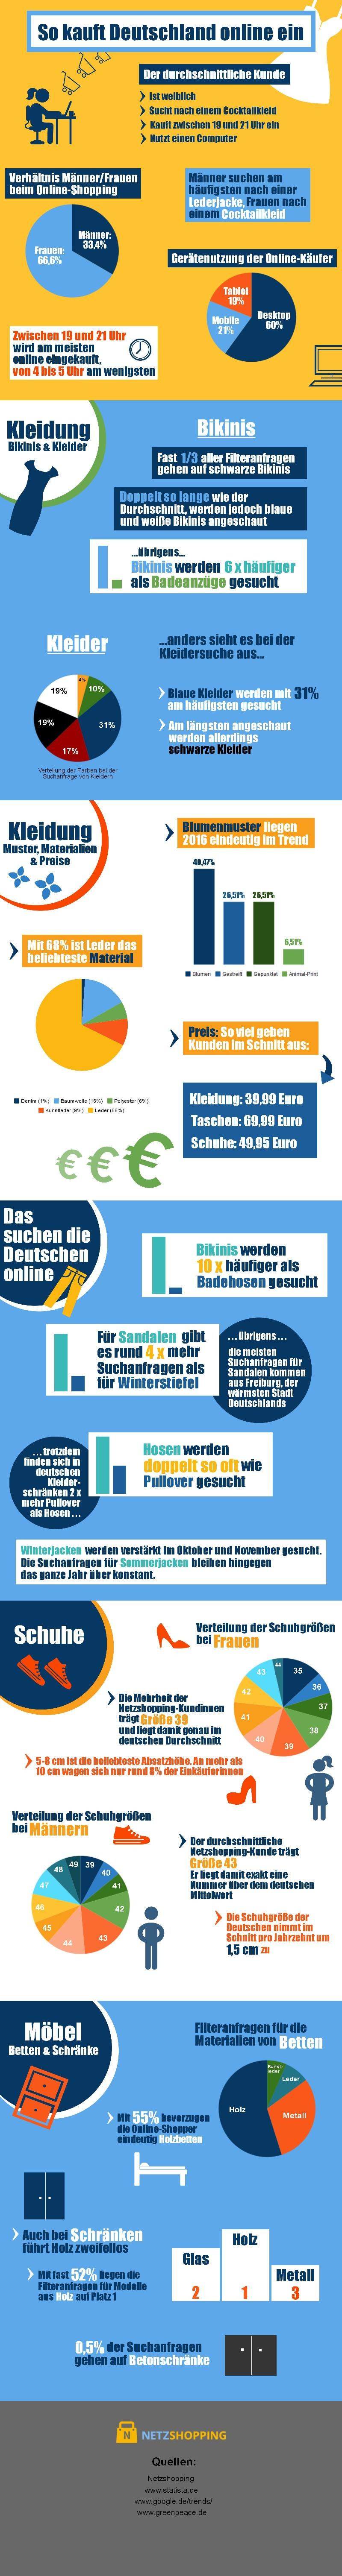 infografik netzshopping so kauft deutschland ein